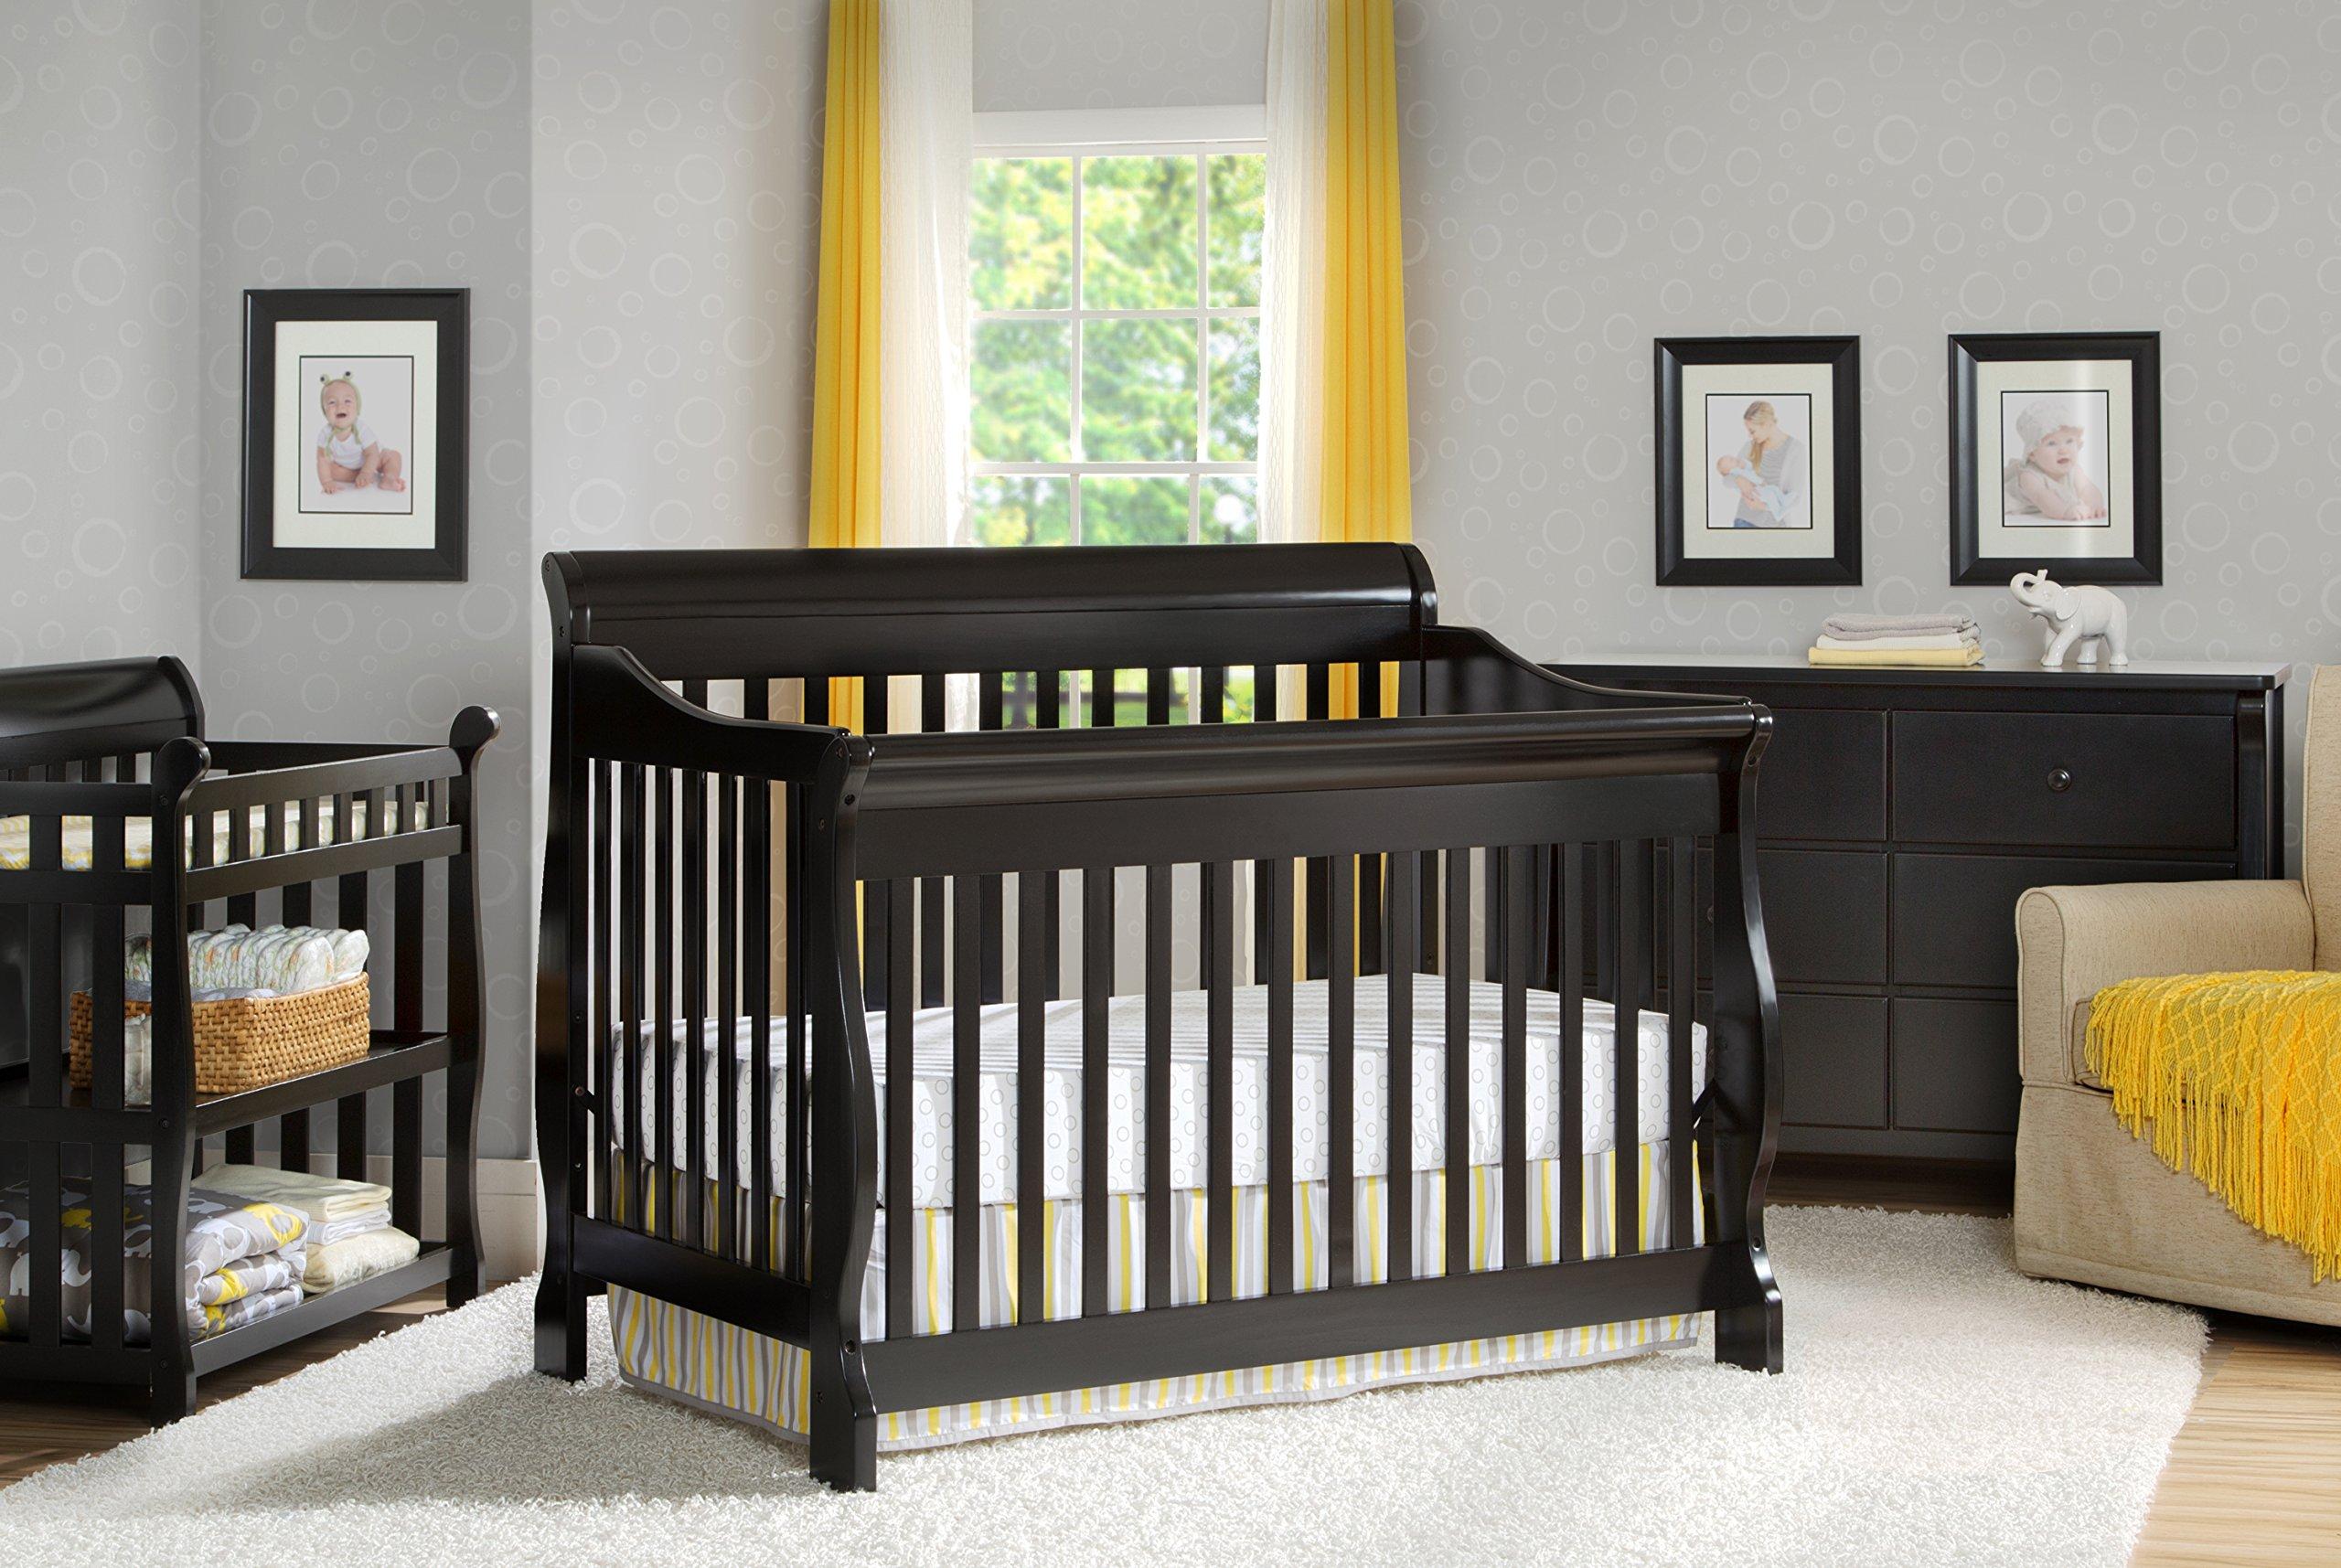 Delta Children Canton 4-in-1 Convertible Crib, Black